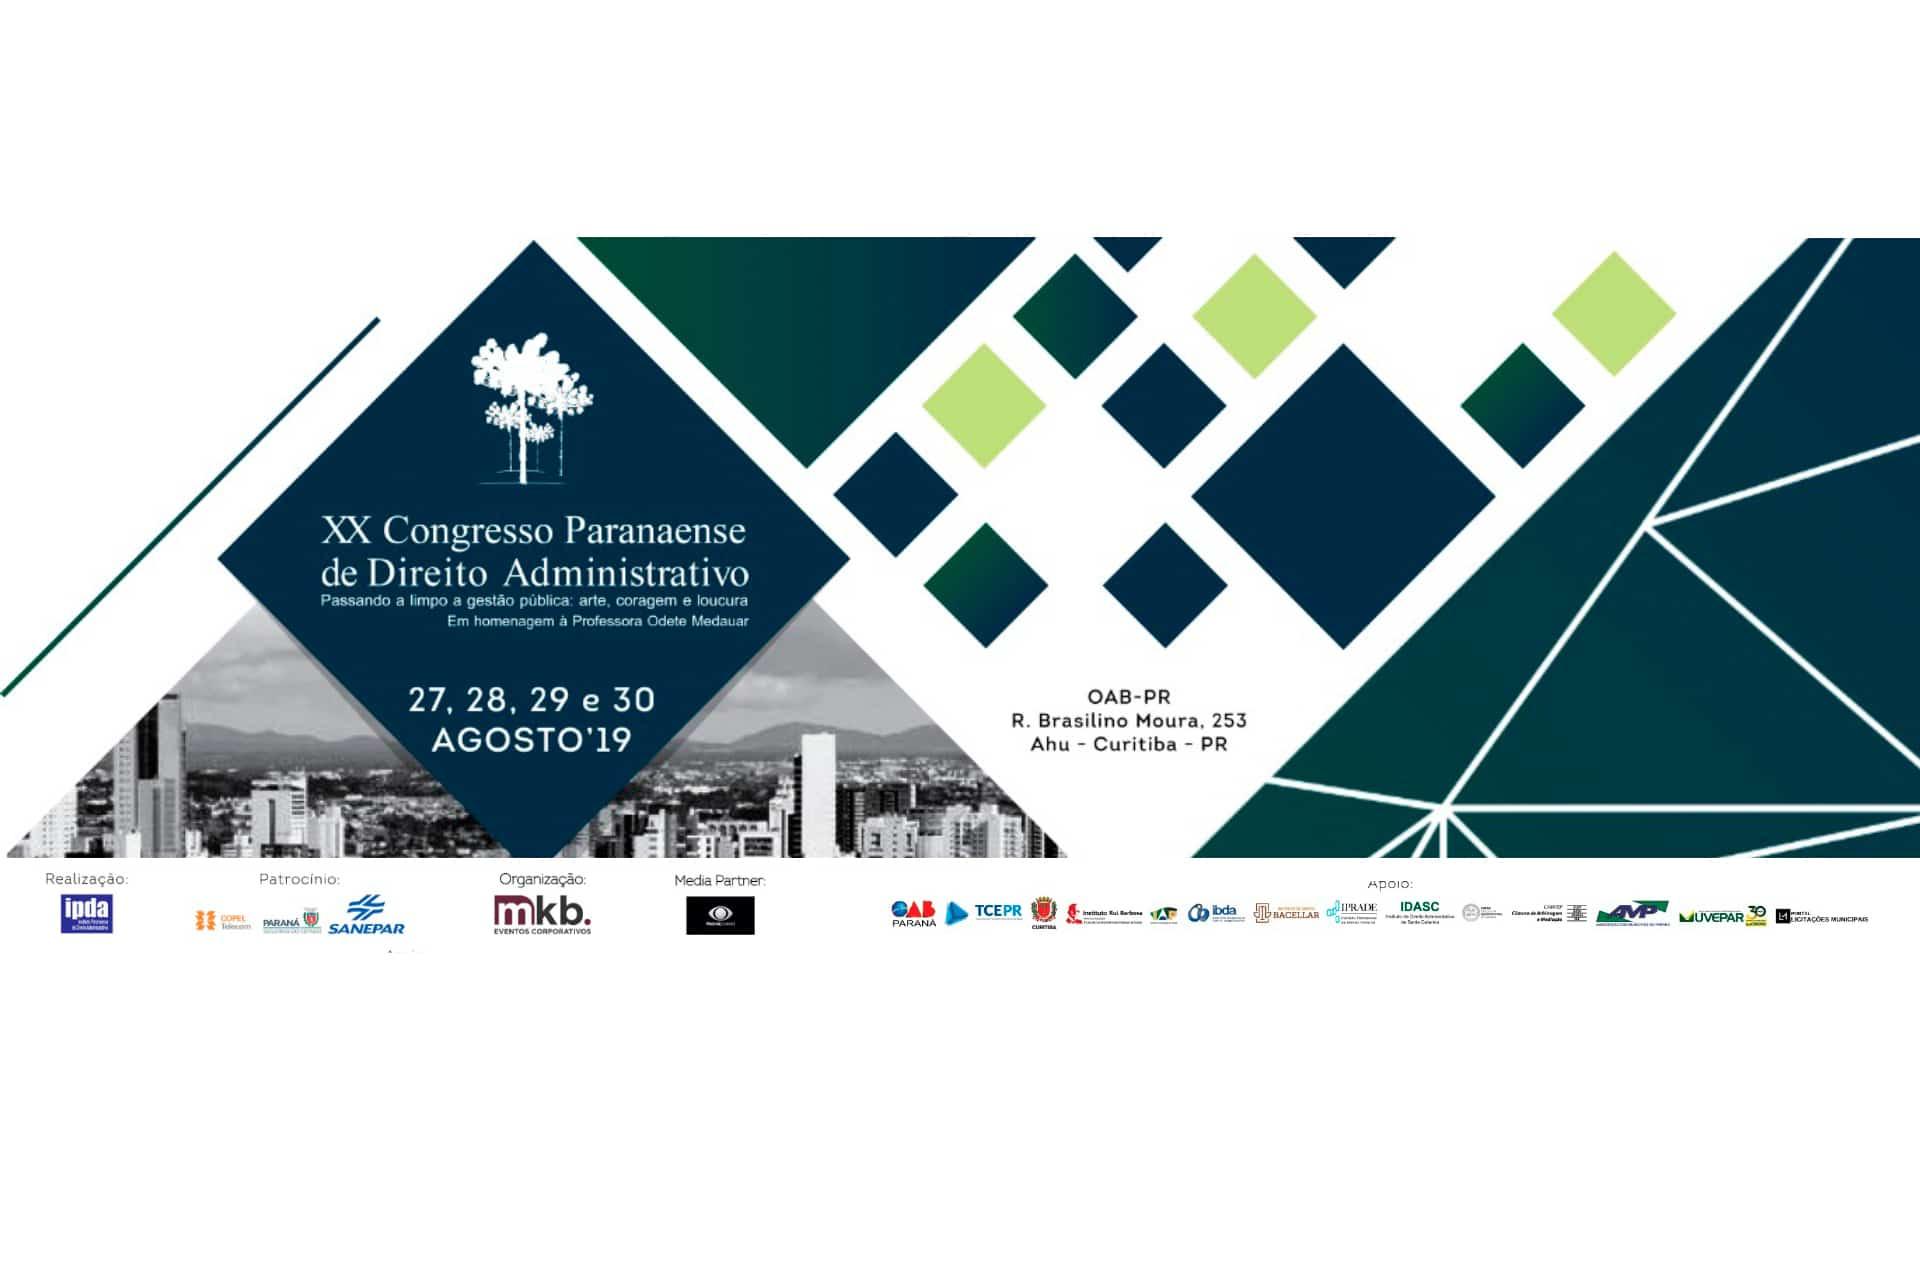 XX Congresso Paranaense de Direito Administrativo